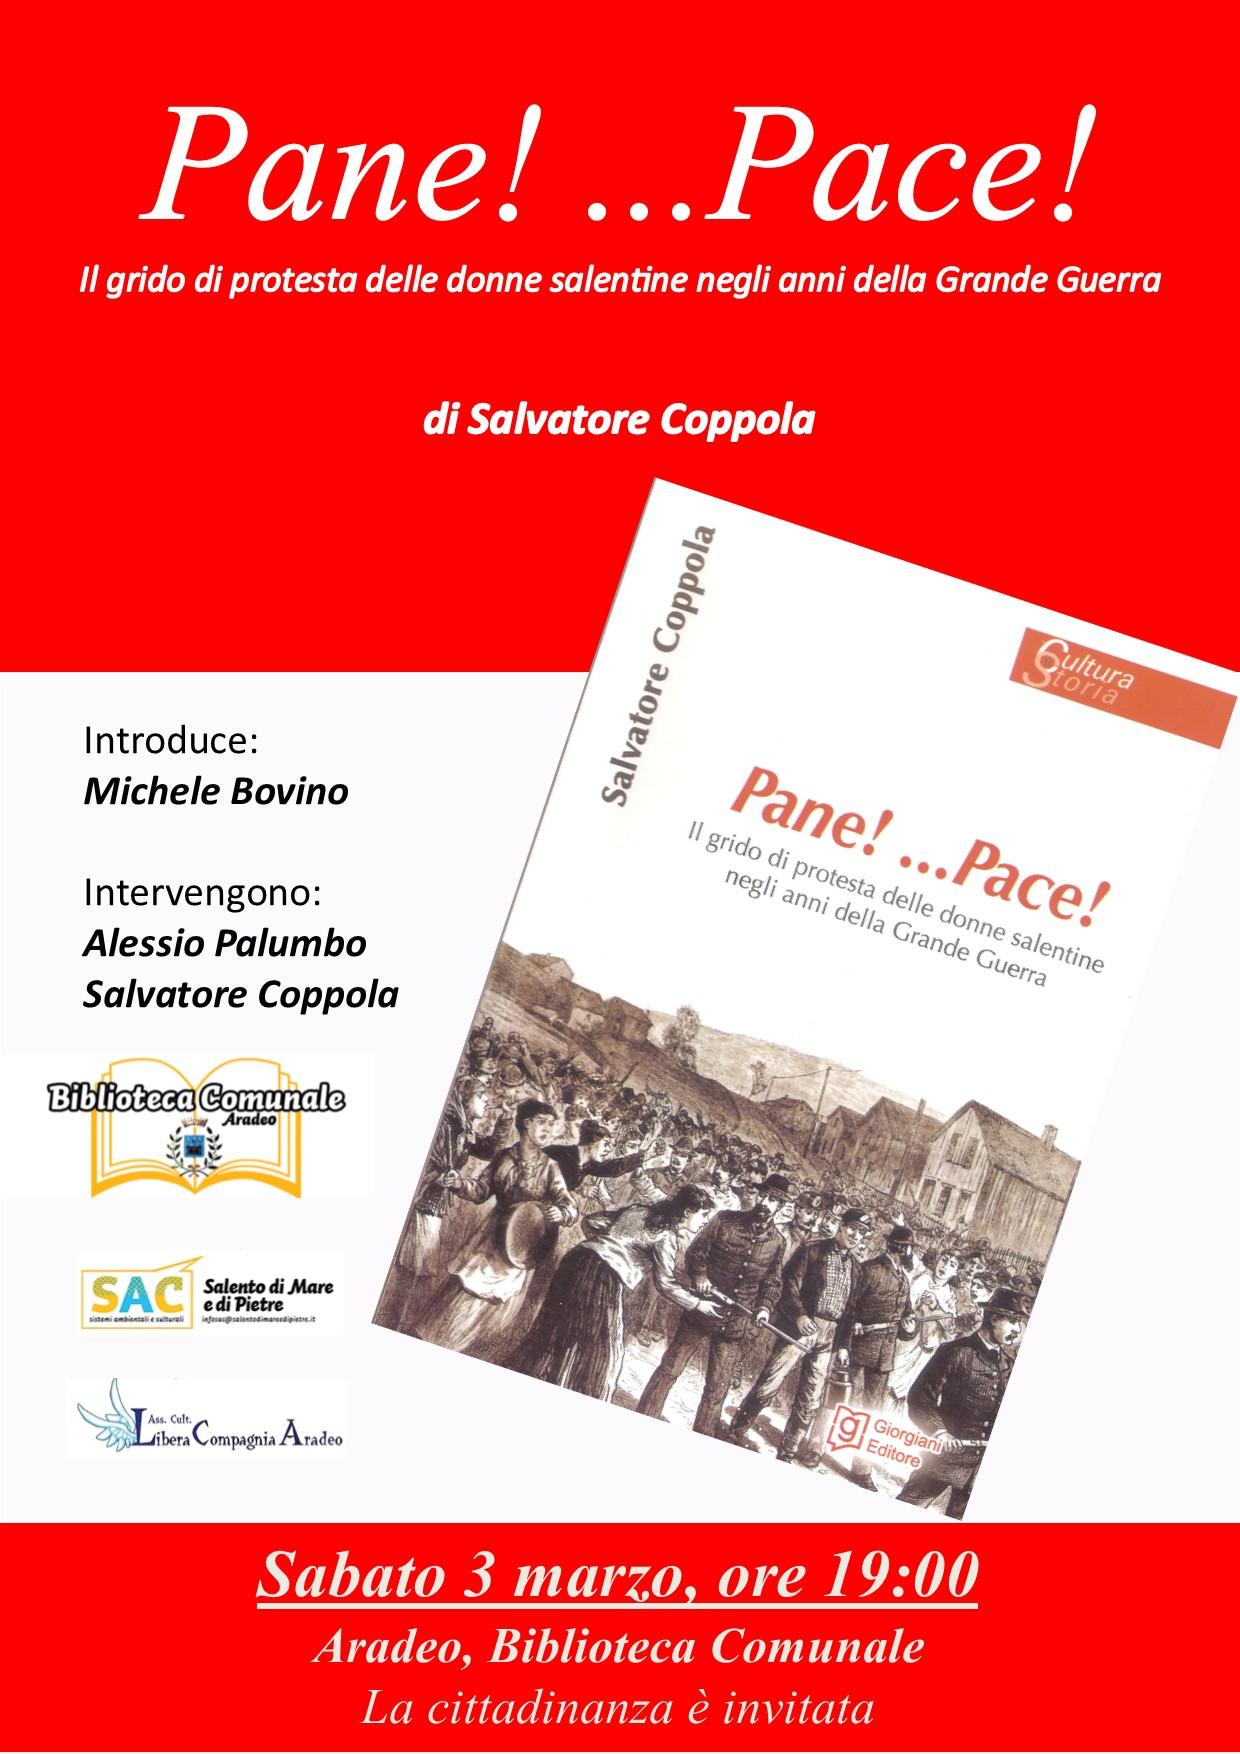 Libri| Pane! …Pace!…Il grido di protesta delle donne salentine negli anni della grande guerra